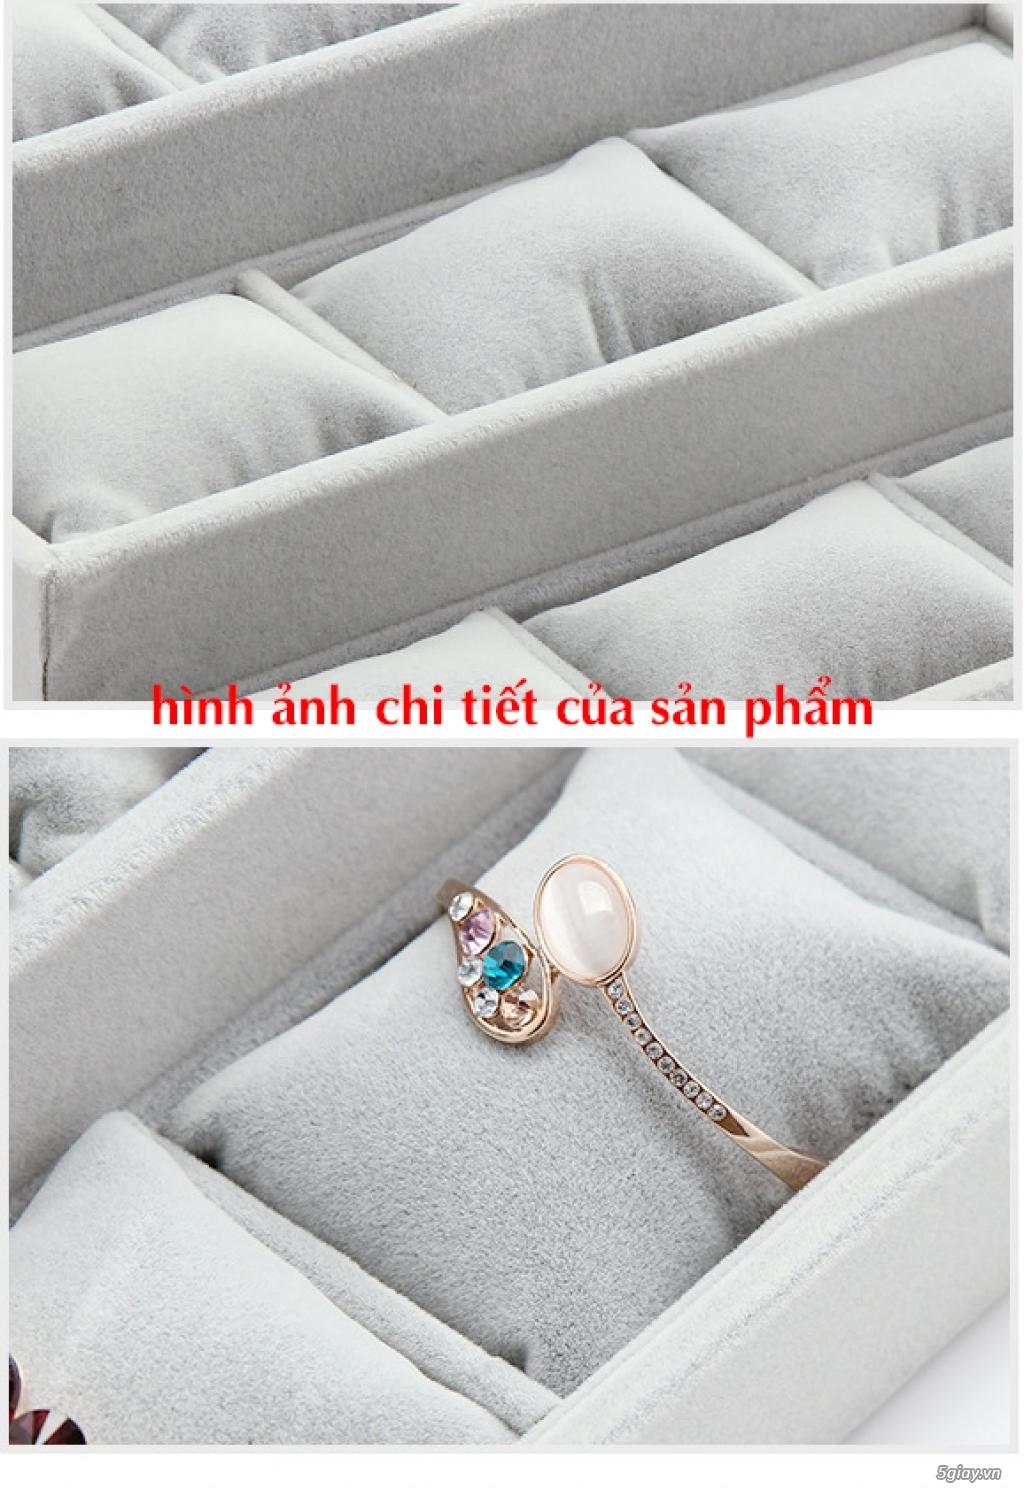 shop manocanh treo , móc áo nhung, inoc, gỗ, nhựa đủ loại dành cho shop & gia đình - 17